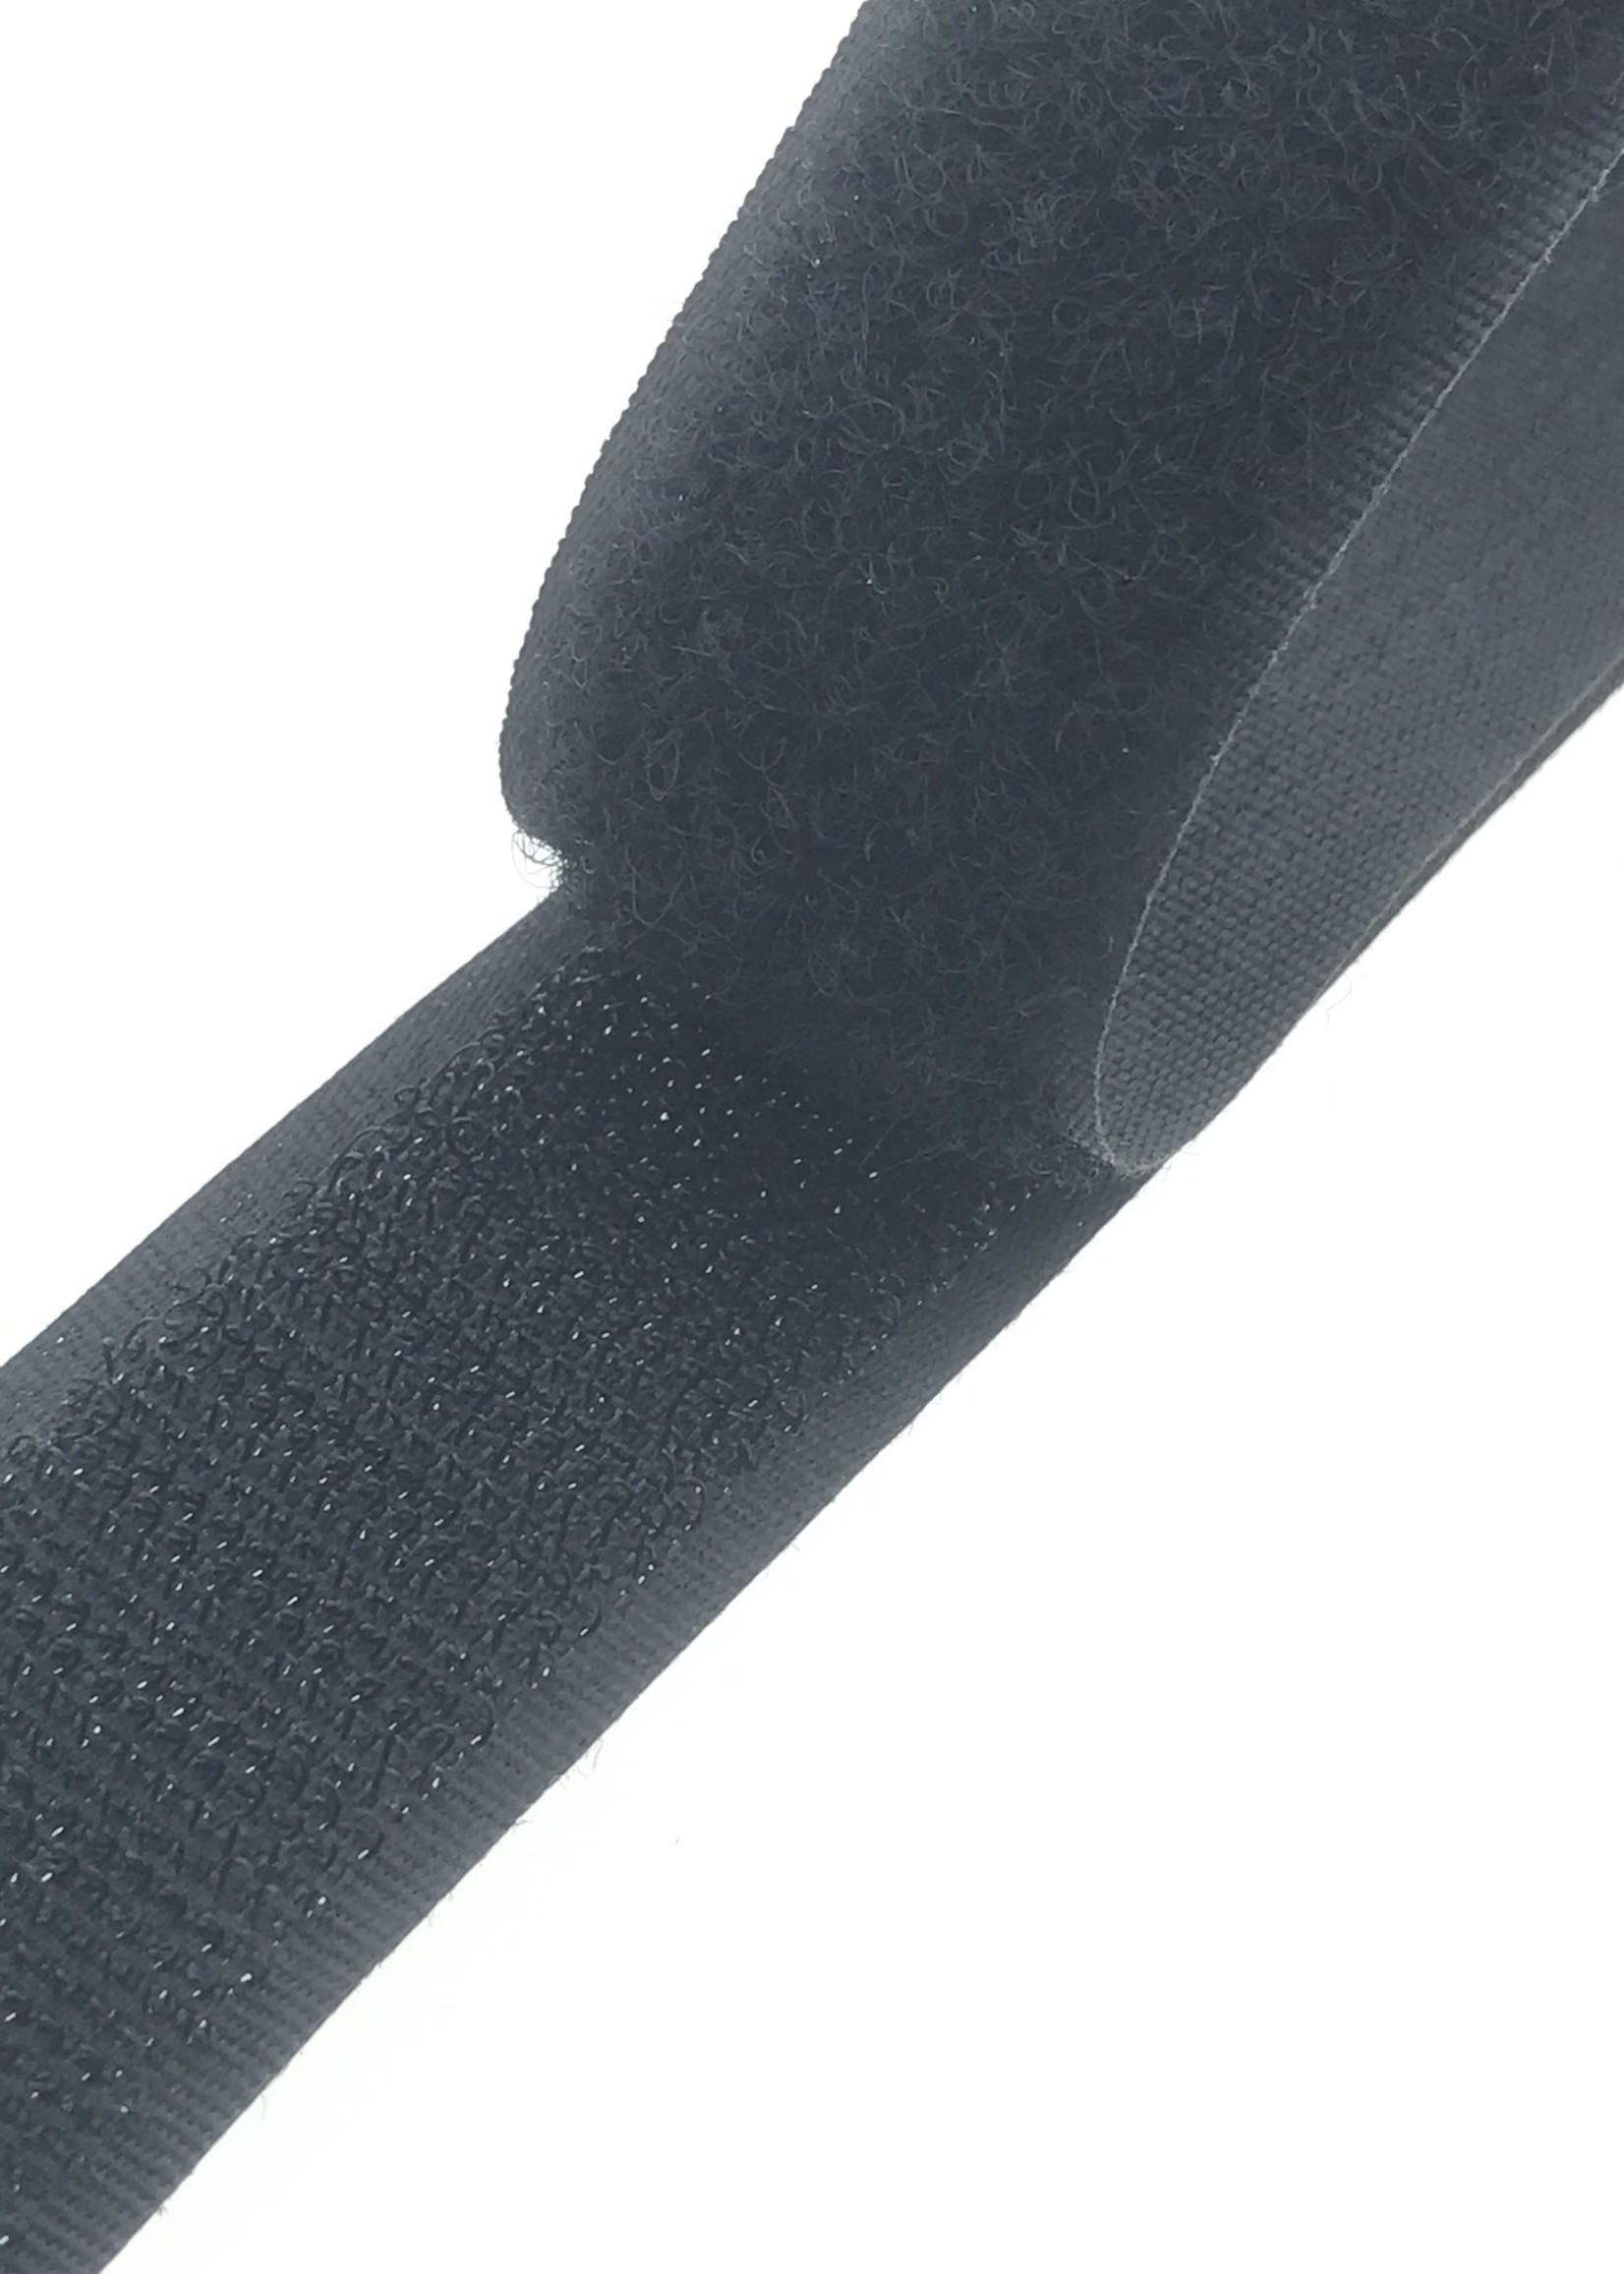 Klittenband naaibaar 2,5cm breed ZWART 5 meter